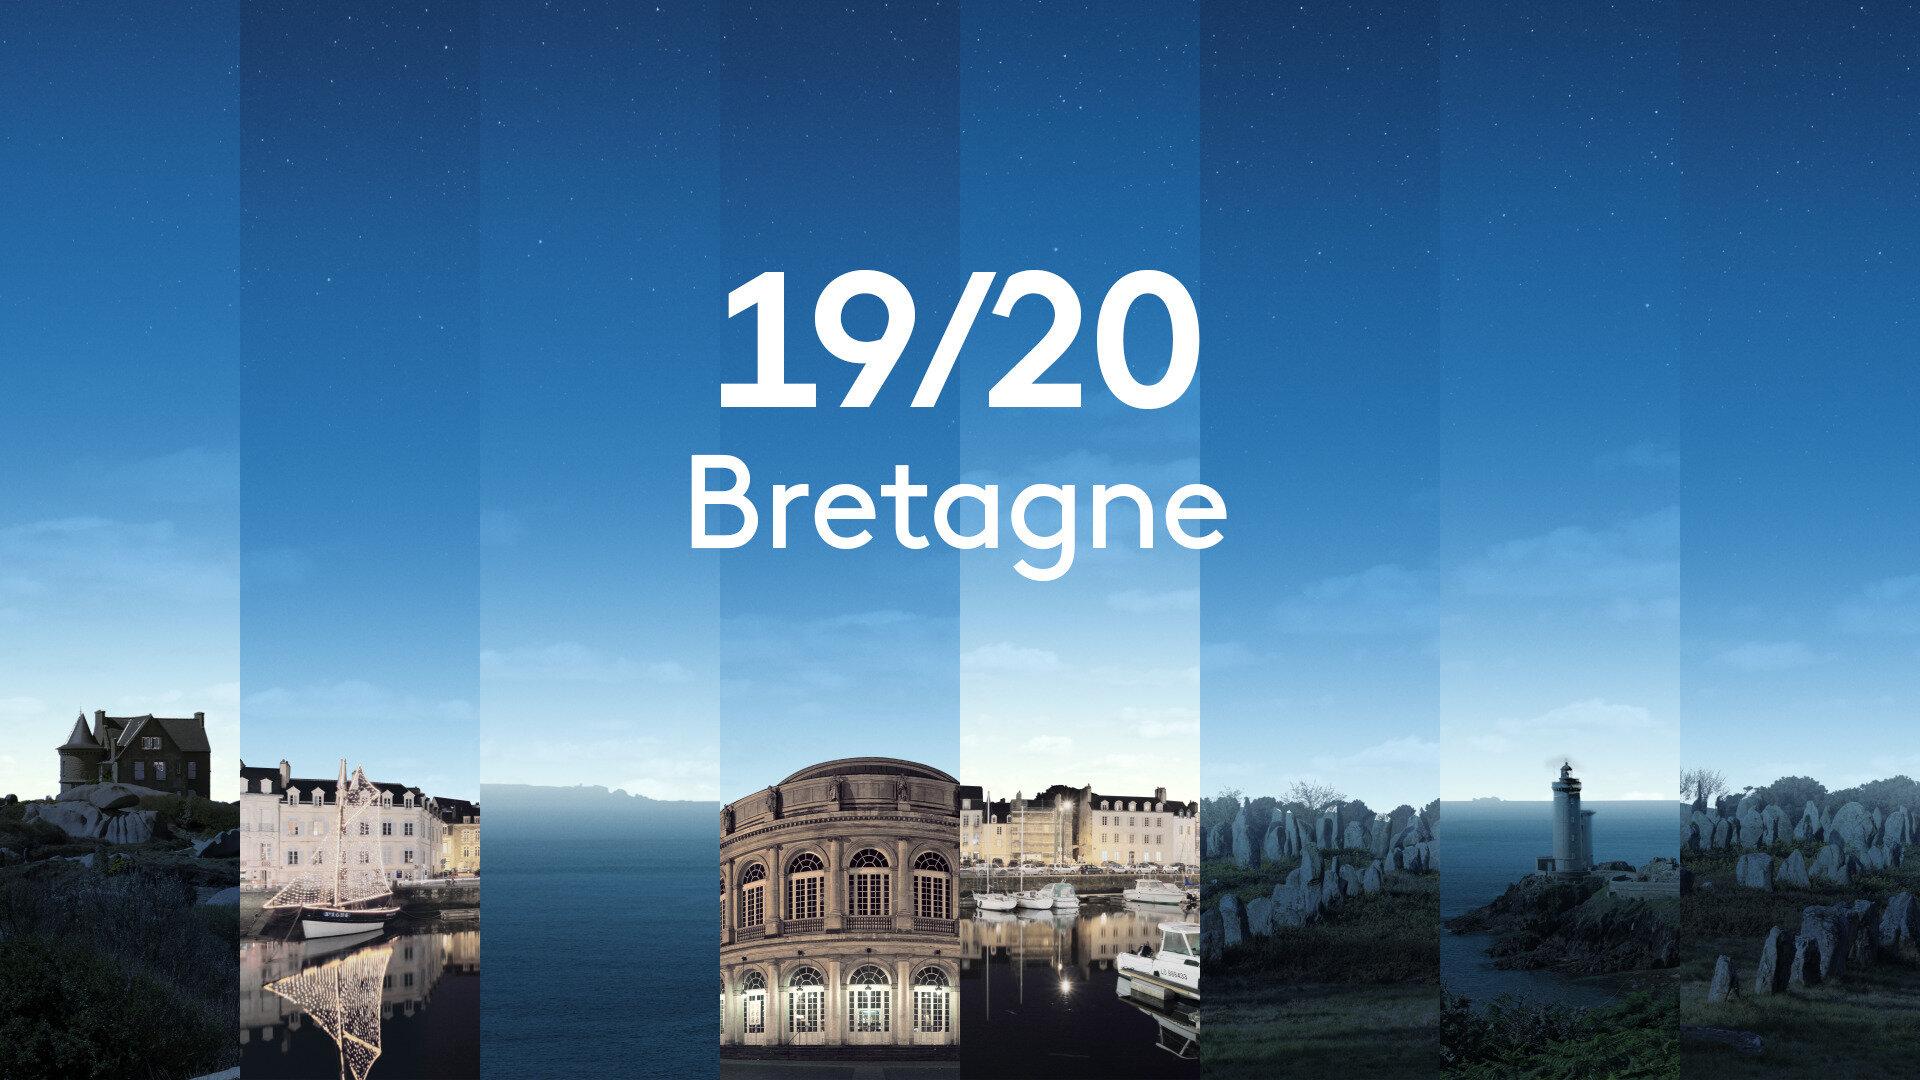 19/20 Bretagne : Pages spéciales